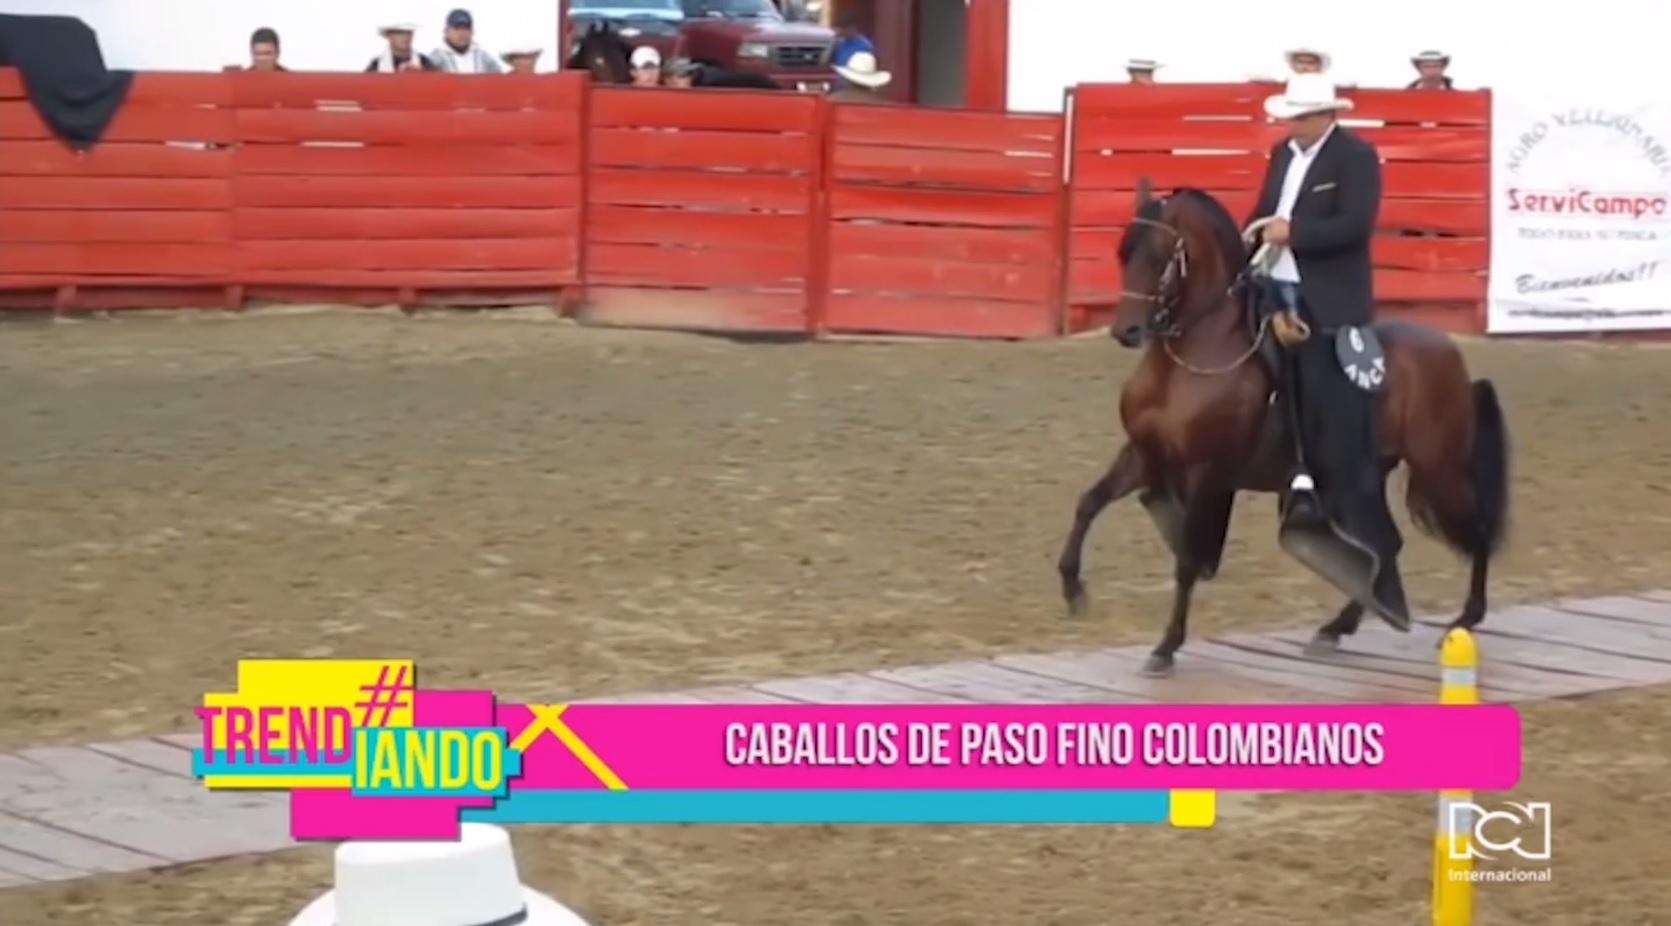 caballos-de-paso-fino-colombianos.jpg